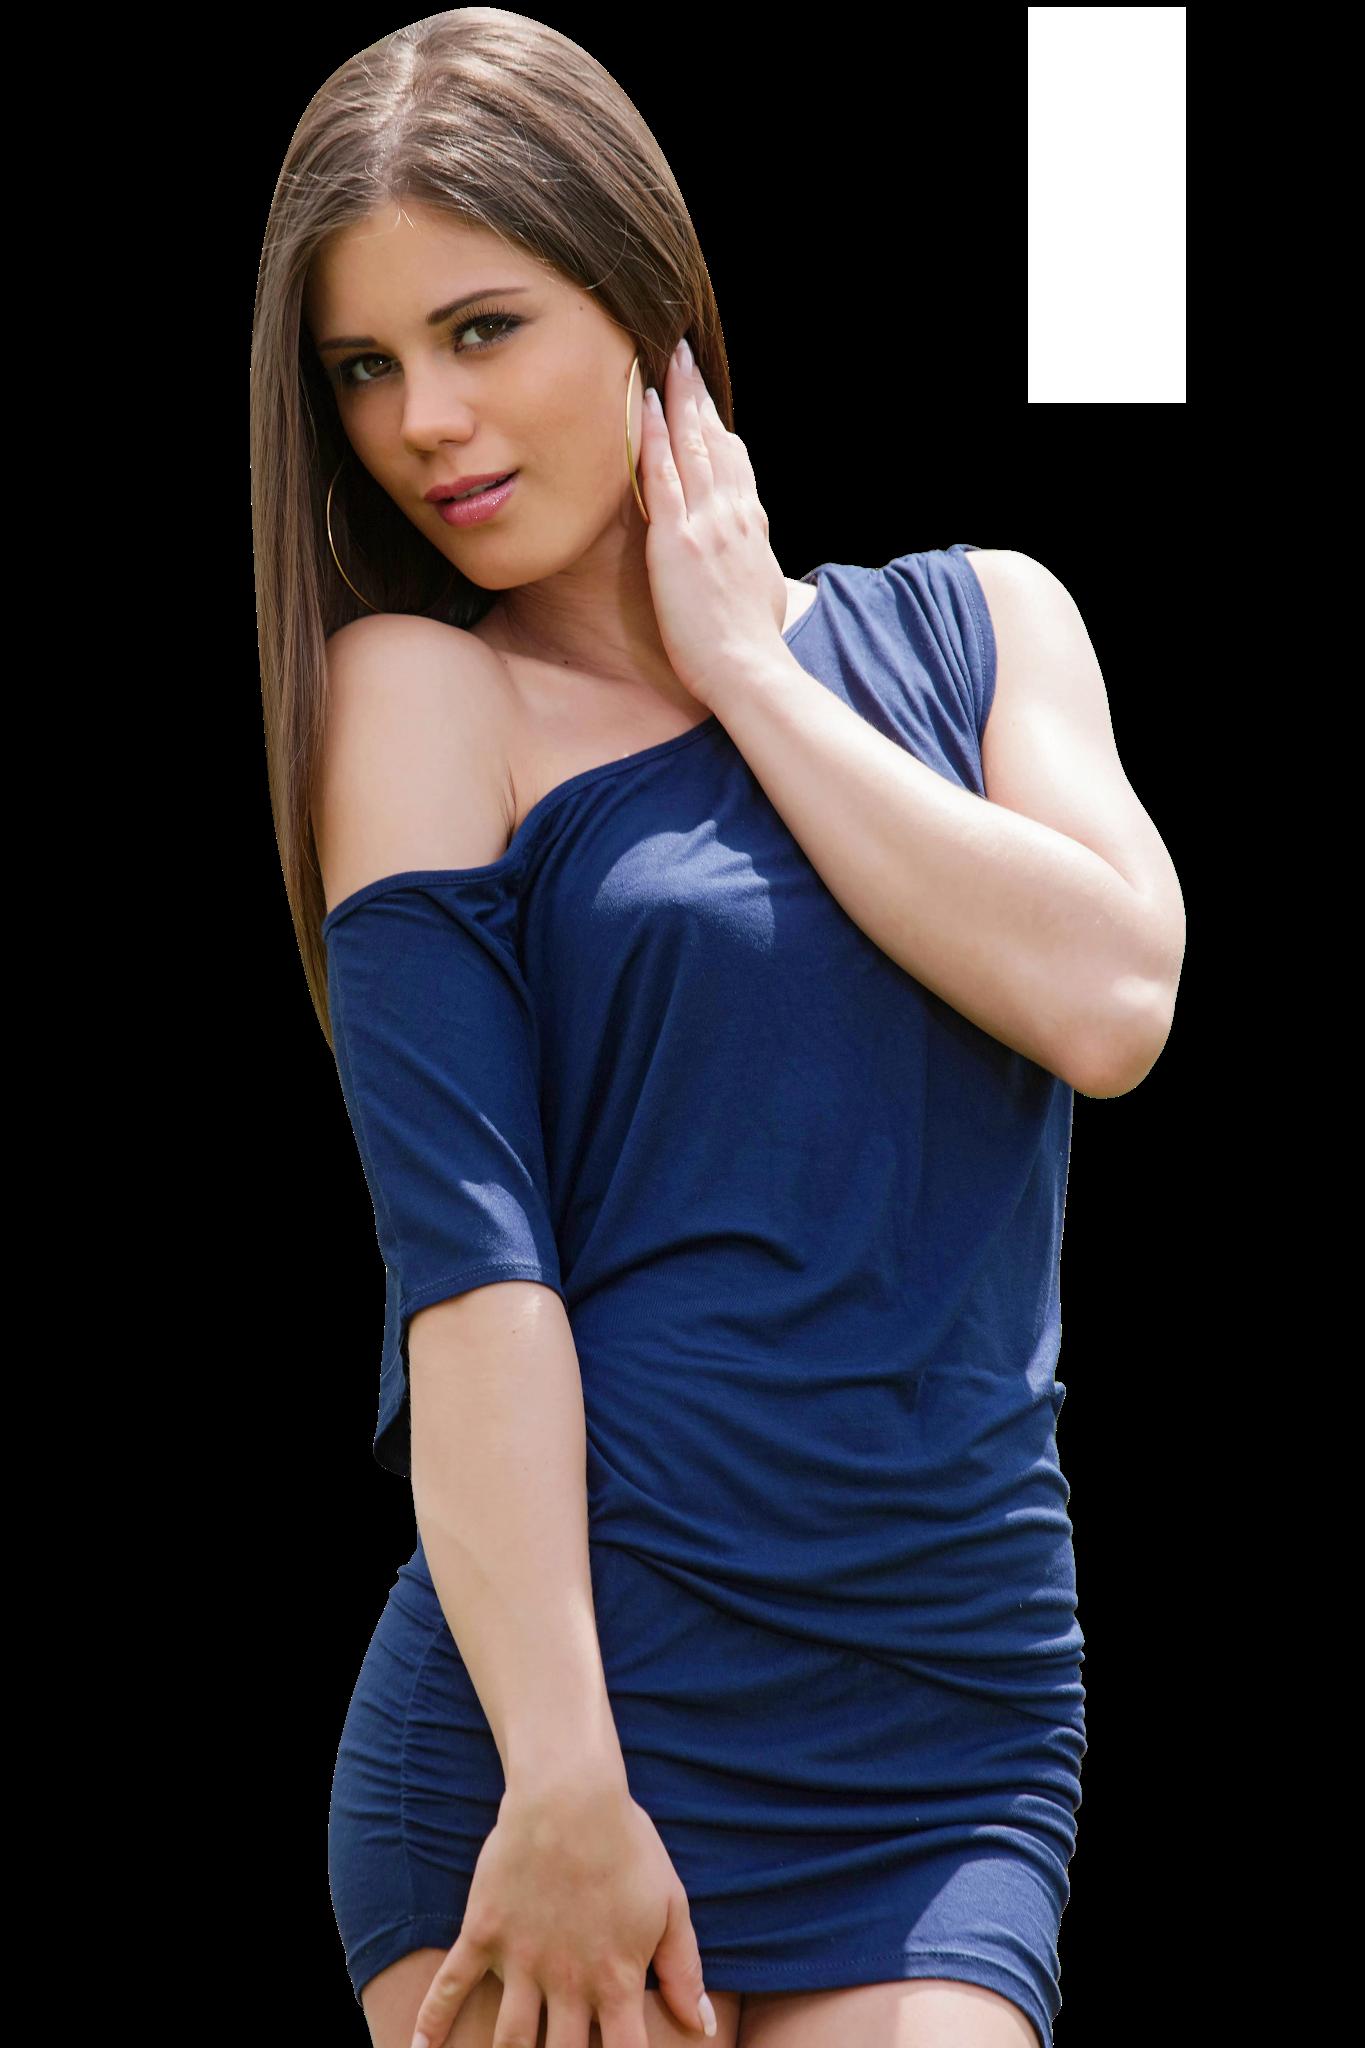 Posing Little Caprice in Blue Dress